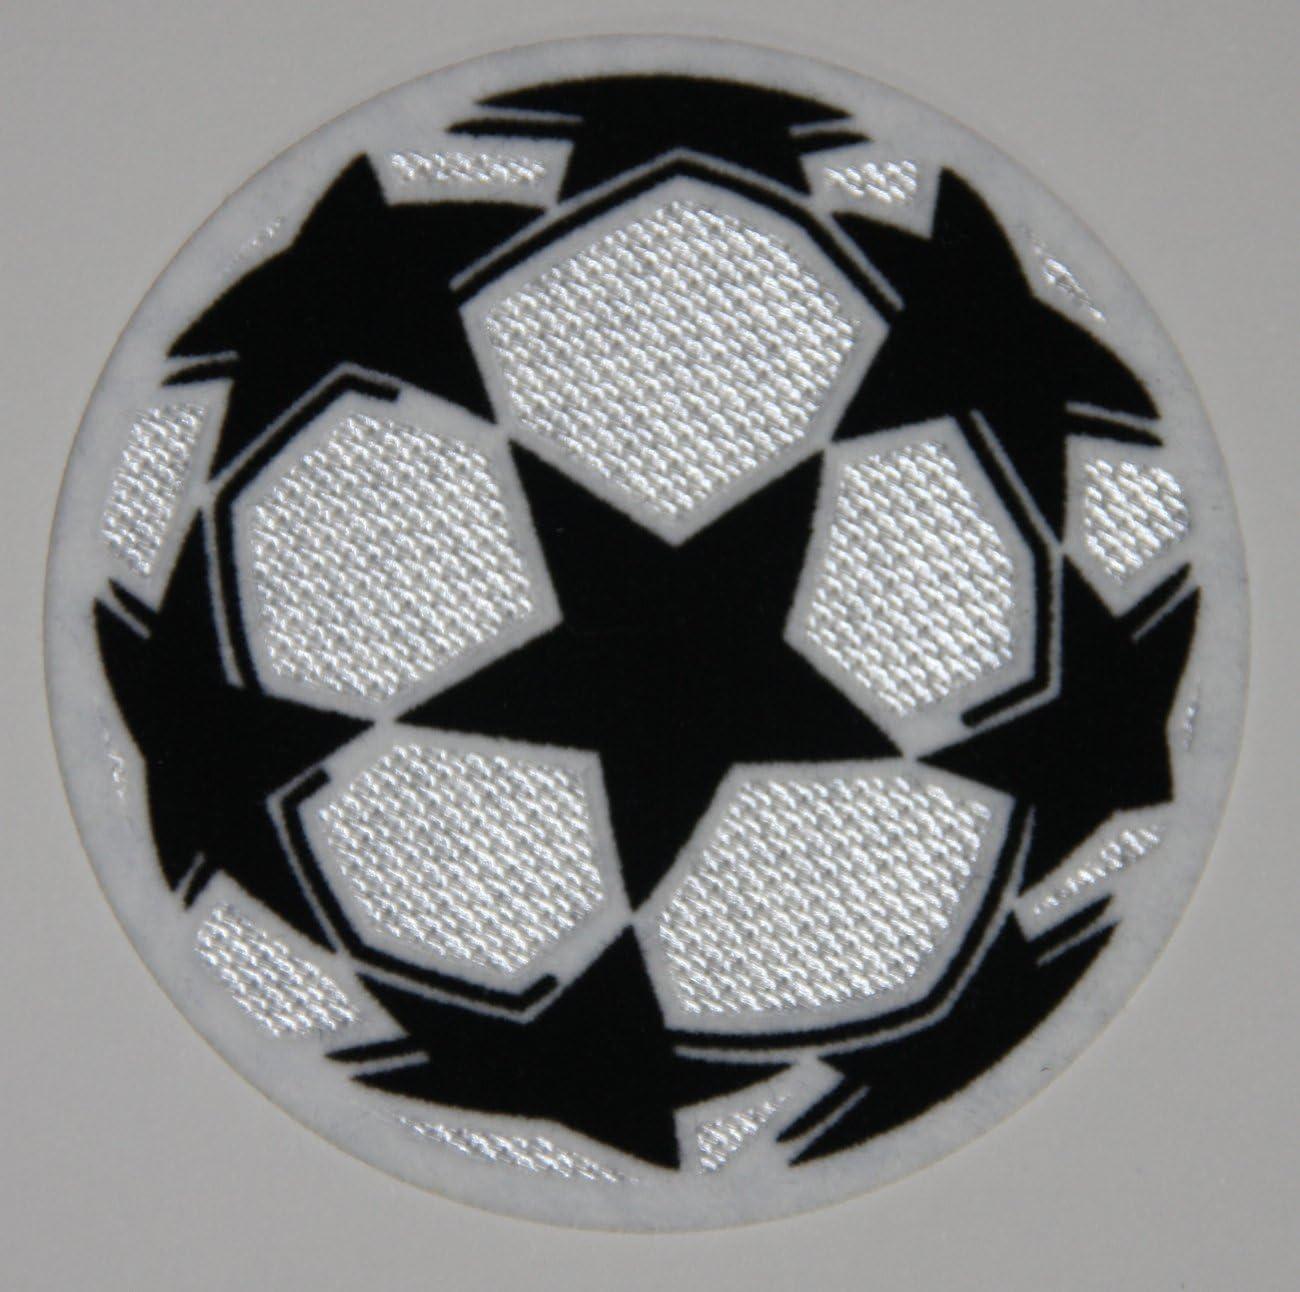 UEFA Champions League fútbol Parche para Planchar: Amazon.es ...